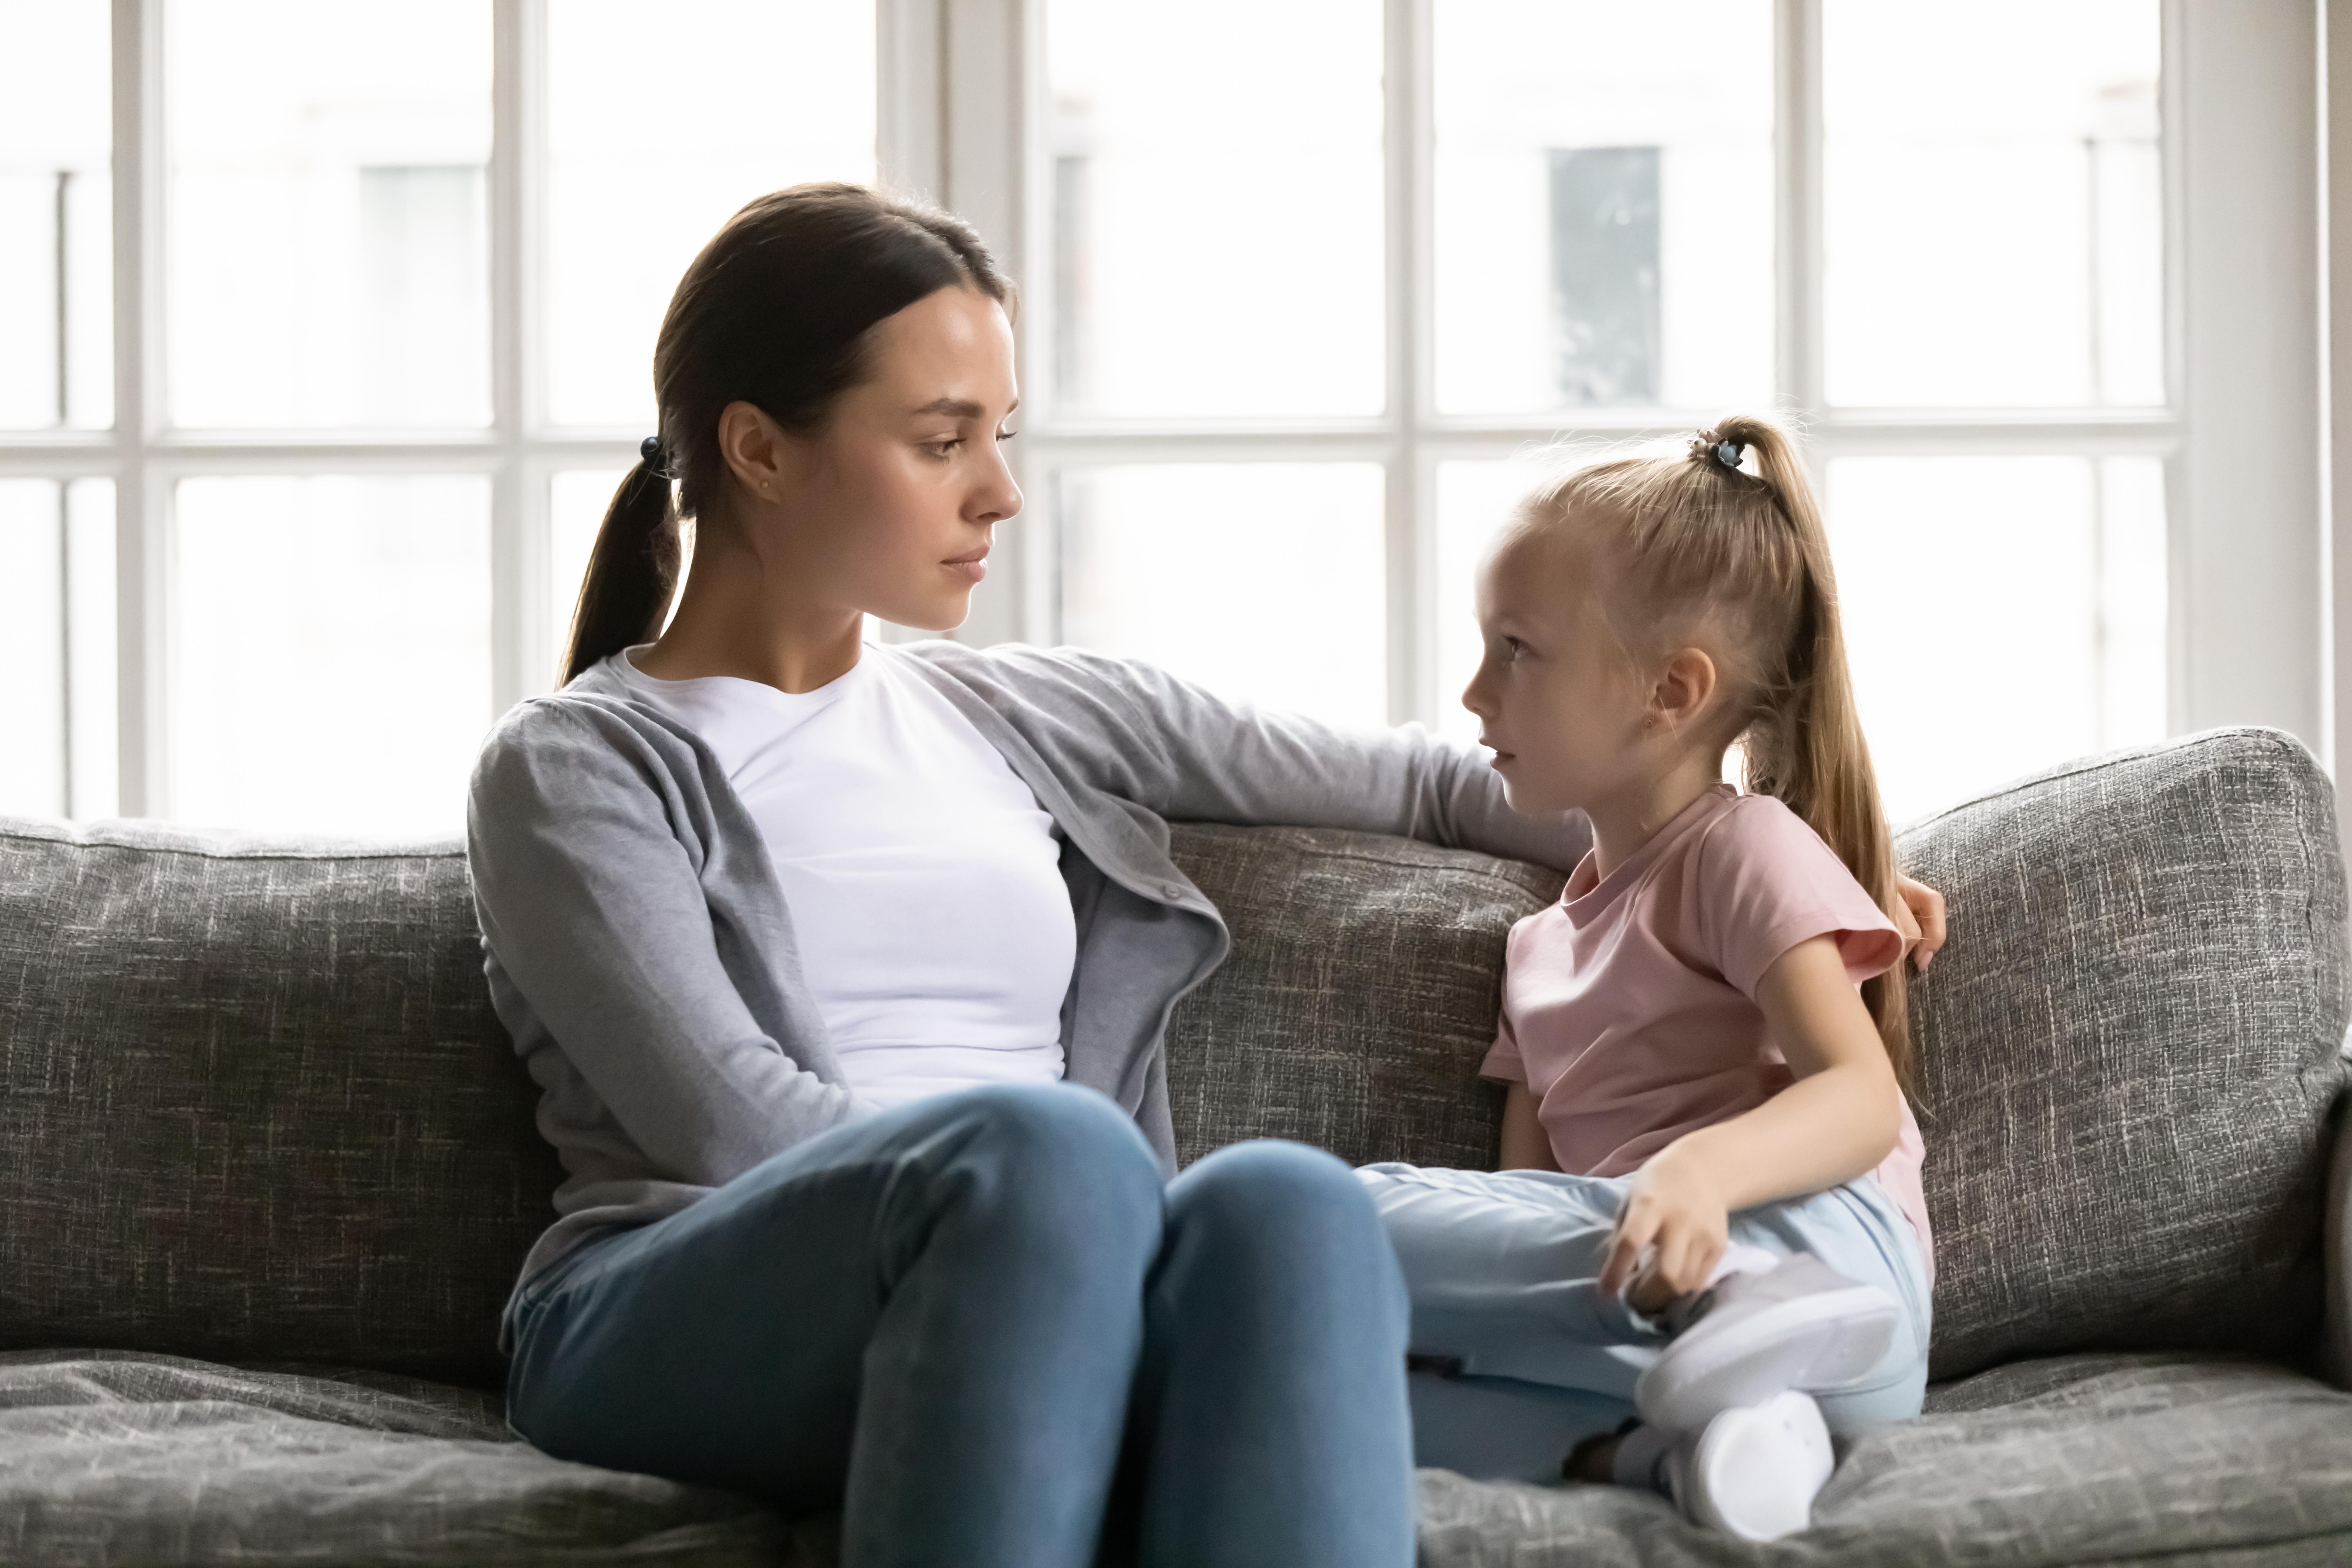 <p><strong>9. Твърде често са следвали нечии други съвети</strong></p>  <p>Има хора, които раздават съвети на едро, дори и неподходящи такива. А повечето млади родители &ldquo;попиват&rdquo; от тези съвети. Такива &ldquo;експерти&rdquo; винаги знаят как трябва да се облича, храни и възпитава едно дете. Истината е, че родителят знае най-добре какво е подходящо за неговото дете и какво не. И когато някой непознат направи забележка на вас или детето ви по отношение на неговото държание, винаги трябва да застанете зад детето си. Когато има нужда от подкрепа, то трябва да знае, че може да разчита на вас.</p>